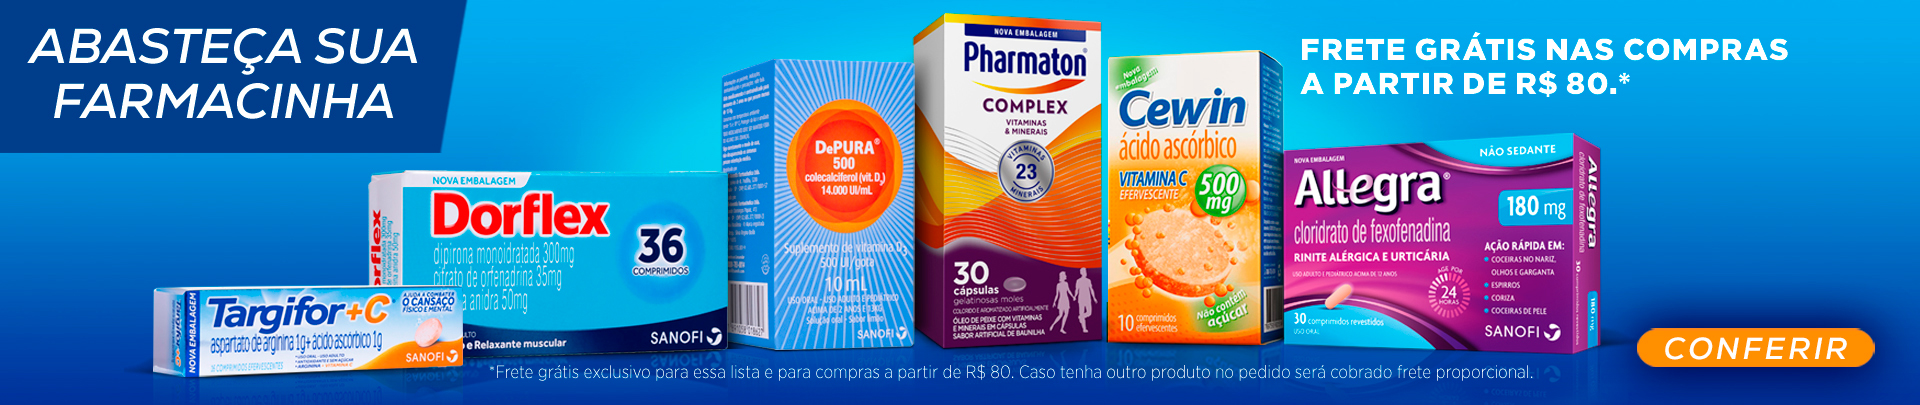 Farmacinha Sanofi